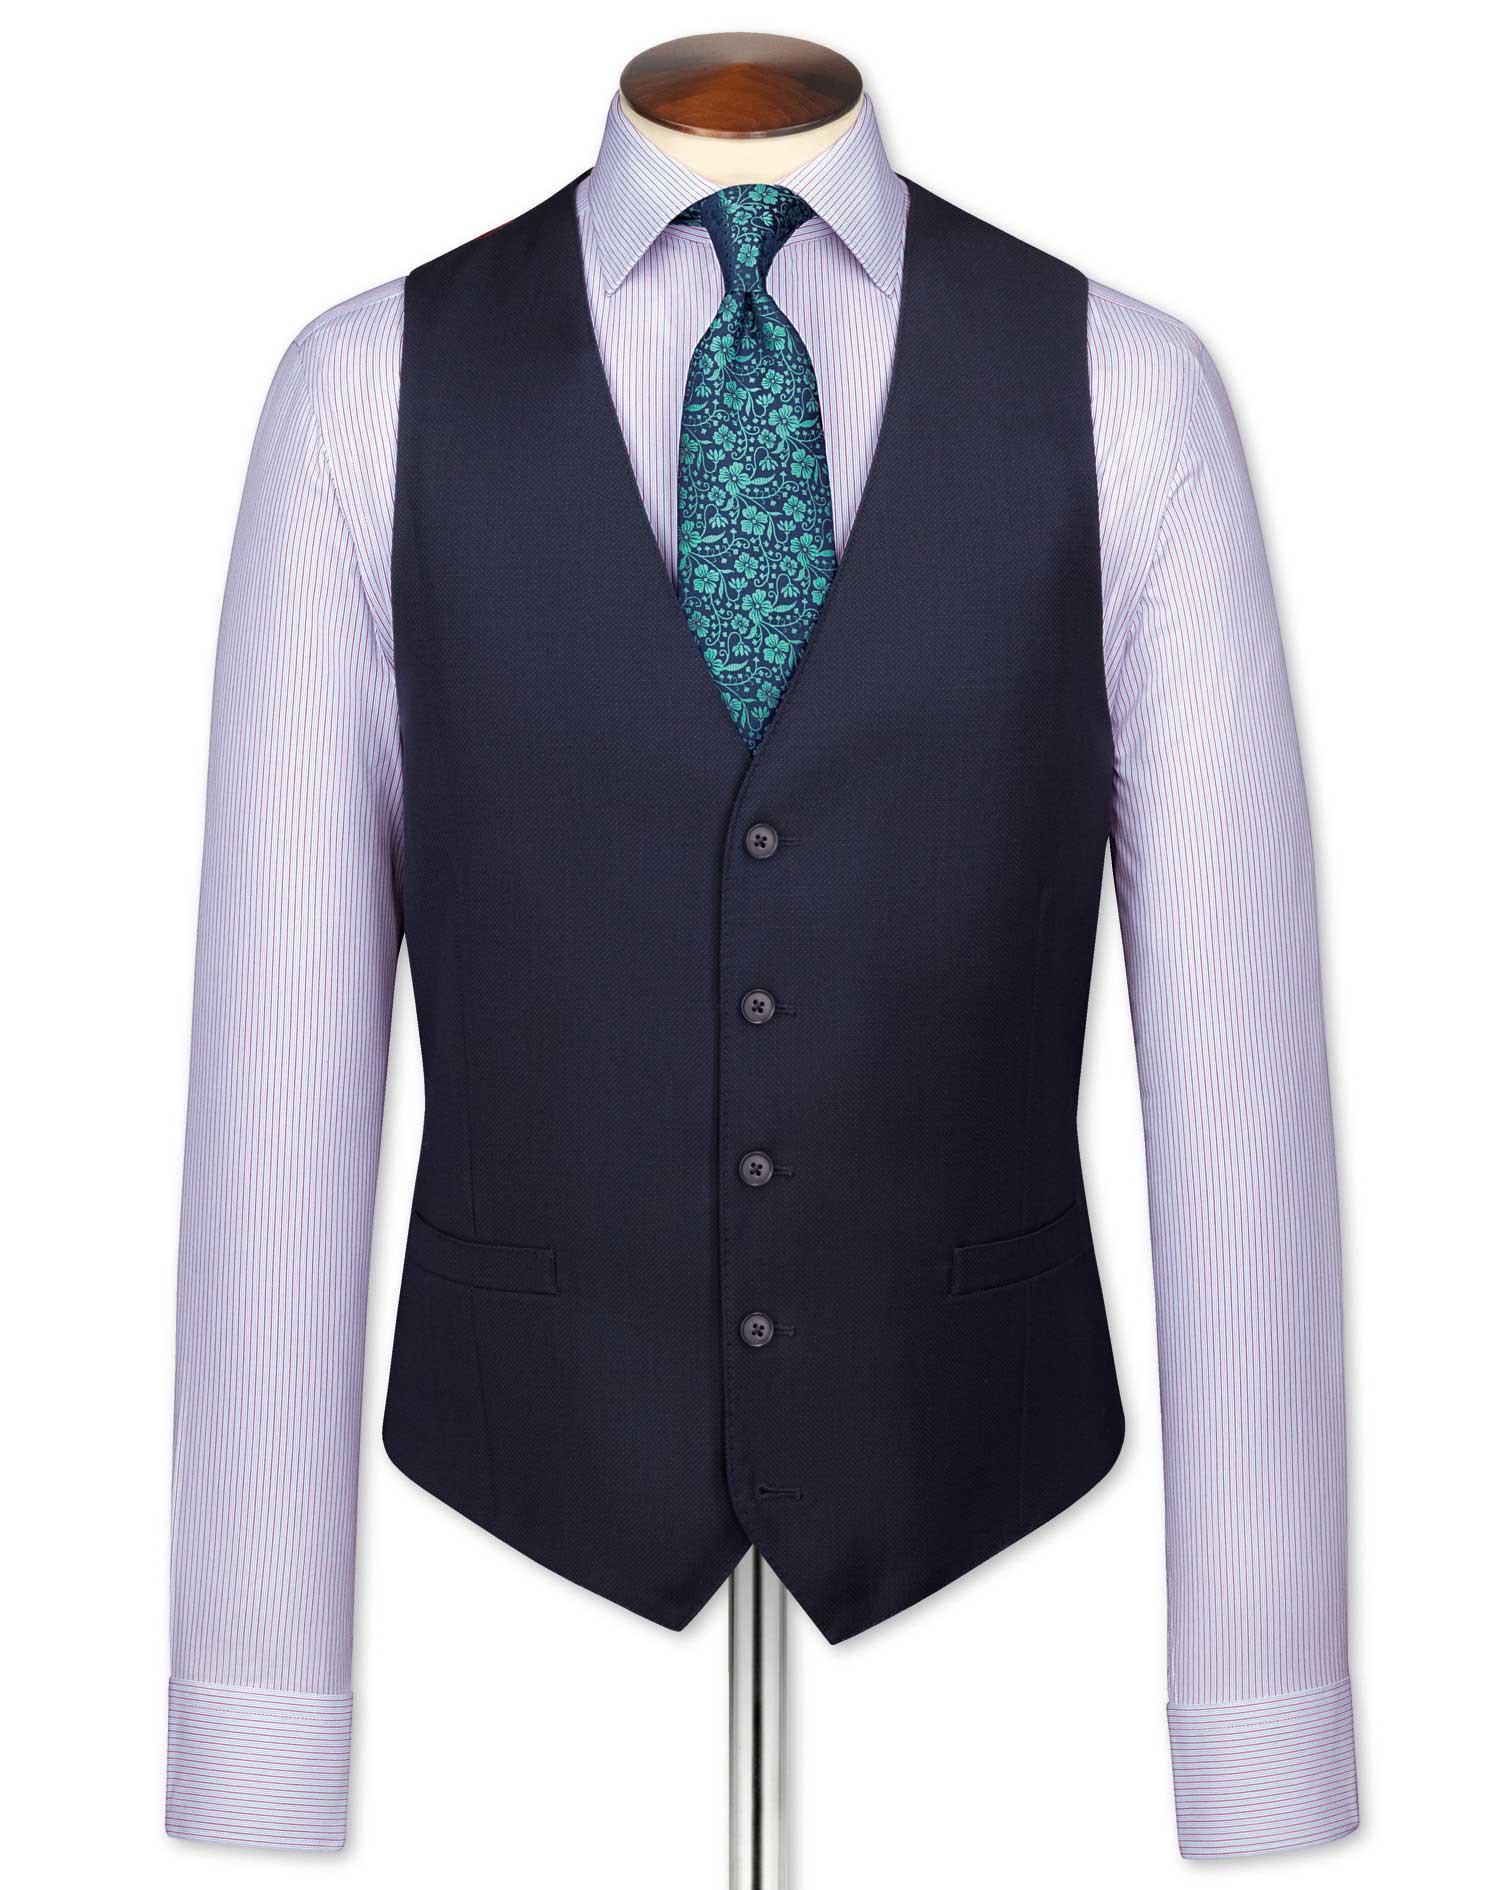 Ink Blue Adjustable Fit Birdseye Travel Suit Wool Waistcoat Size w44 by Charles Tyrwhitt